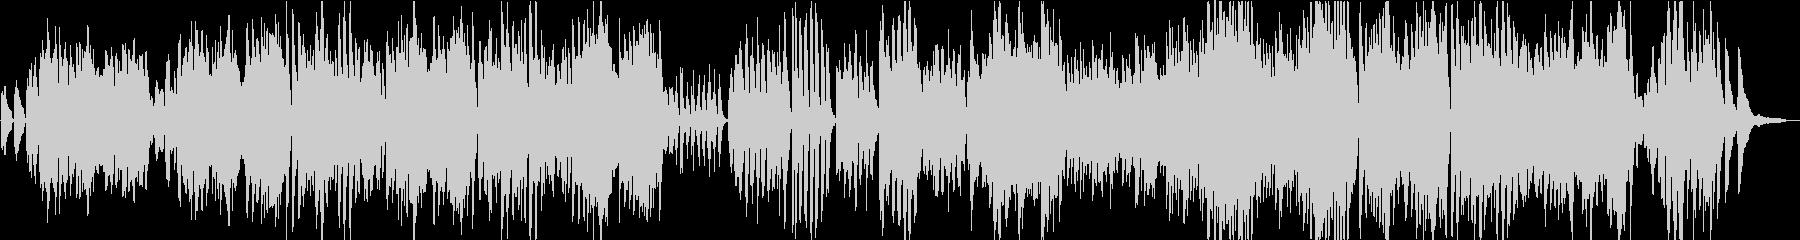 メンデルスゾーンの結婚行進曲のシン...の未再生の波形